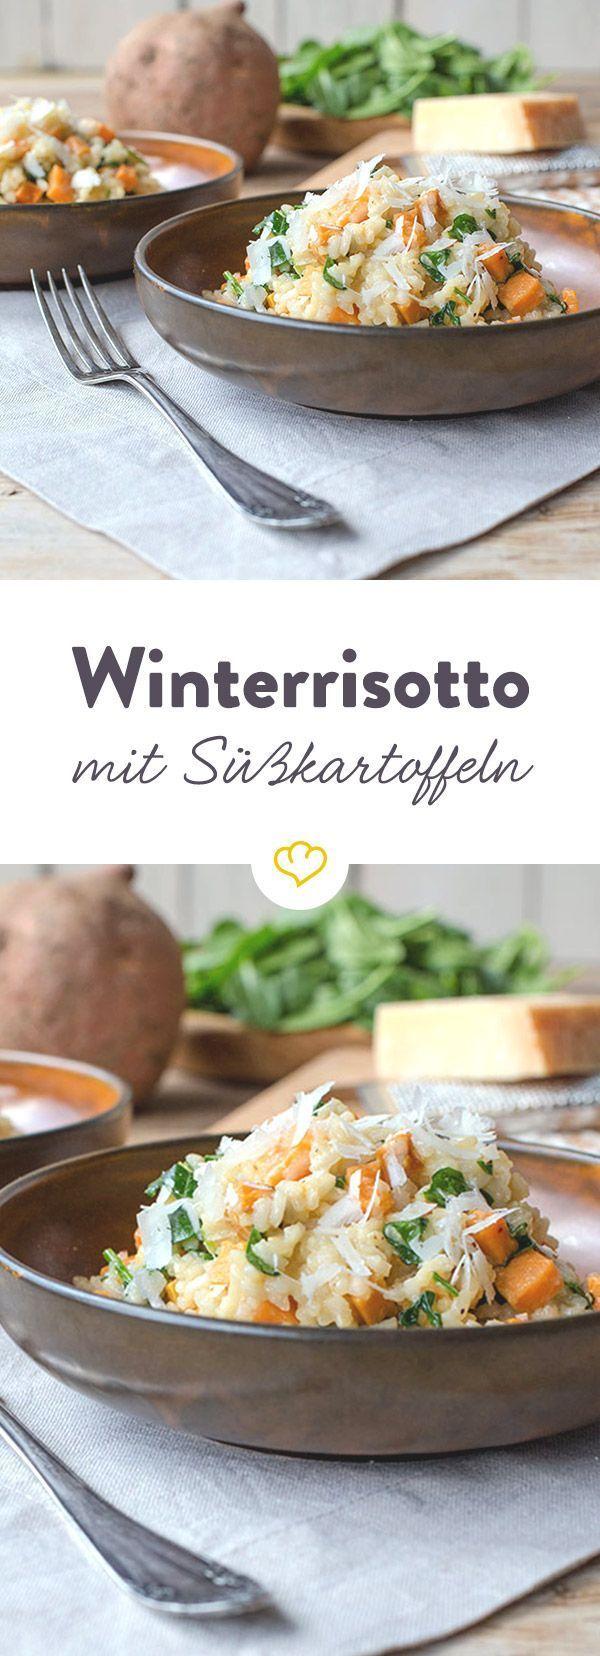 Winterrisotto mit Süßkartoffeln und Spinat